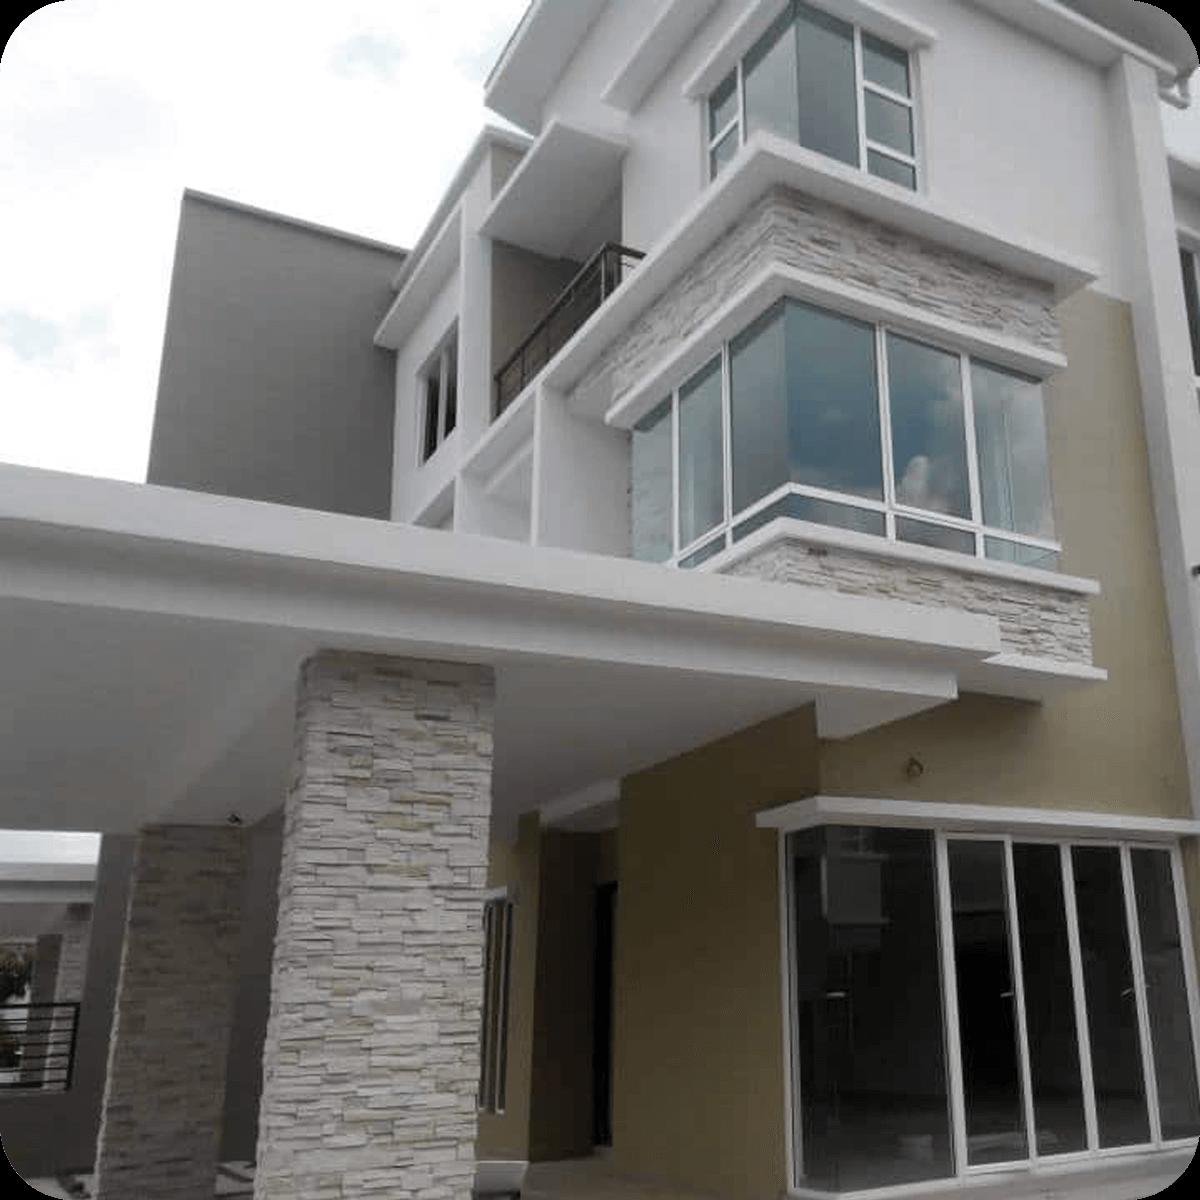 Rumah IBS   Kontraktor Bina Rumah IBS (LPPSA, KWSP & Tunai) 14